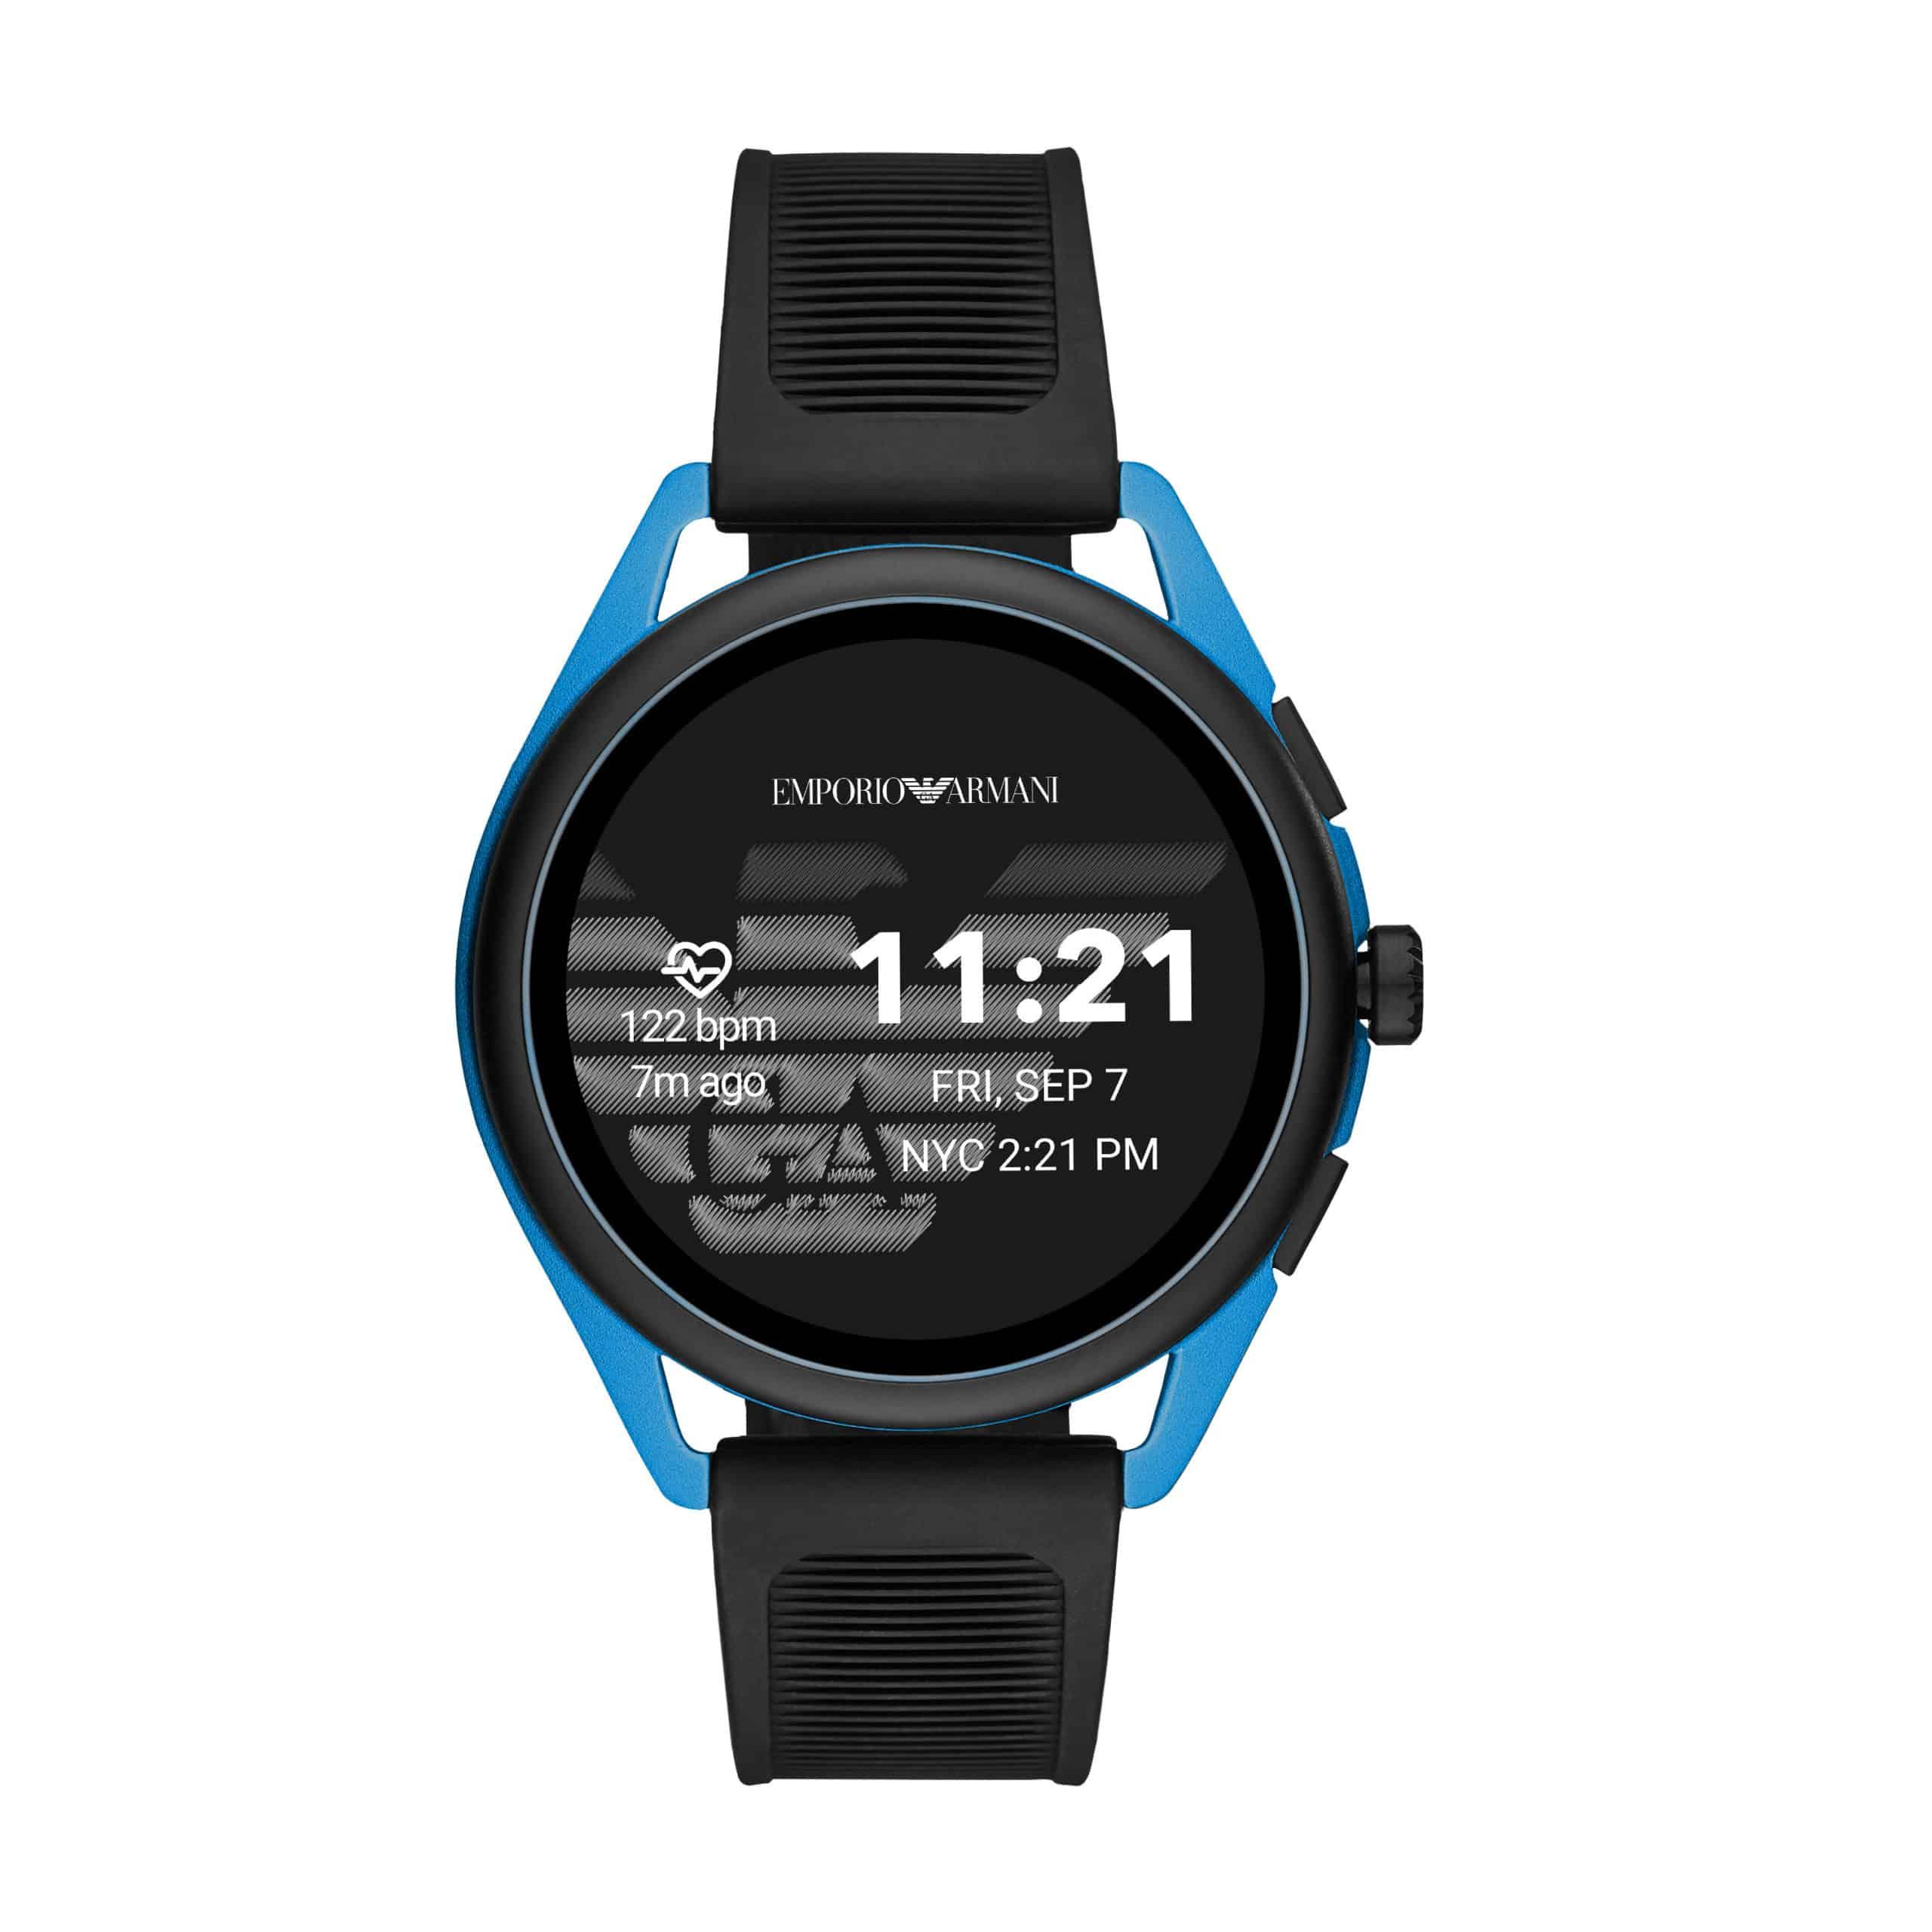 Emporio Armani Connected Smartwatch 3 6